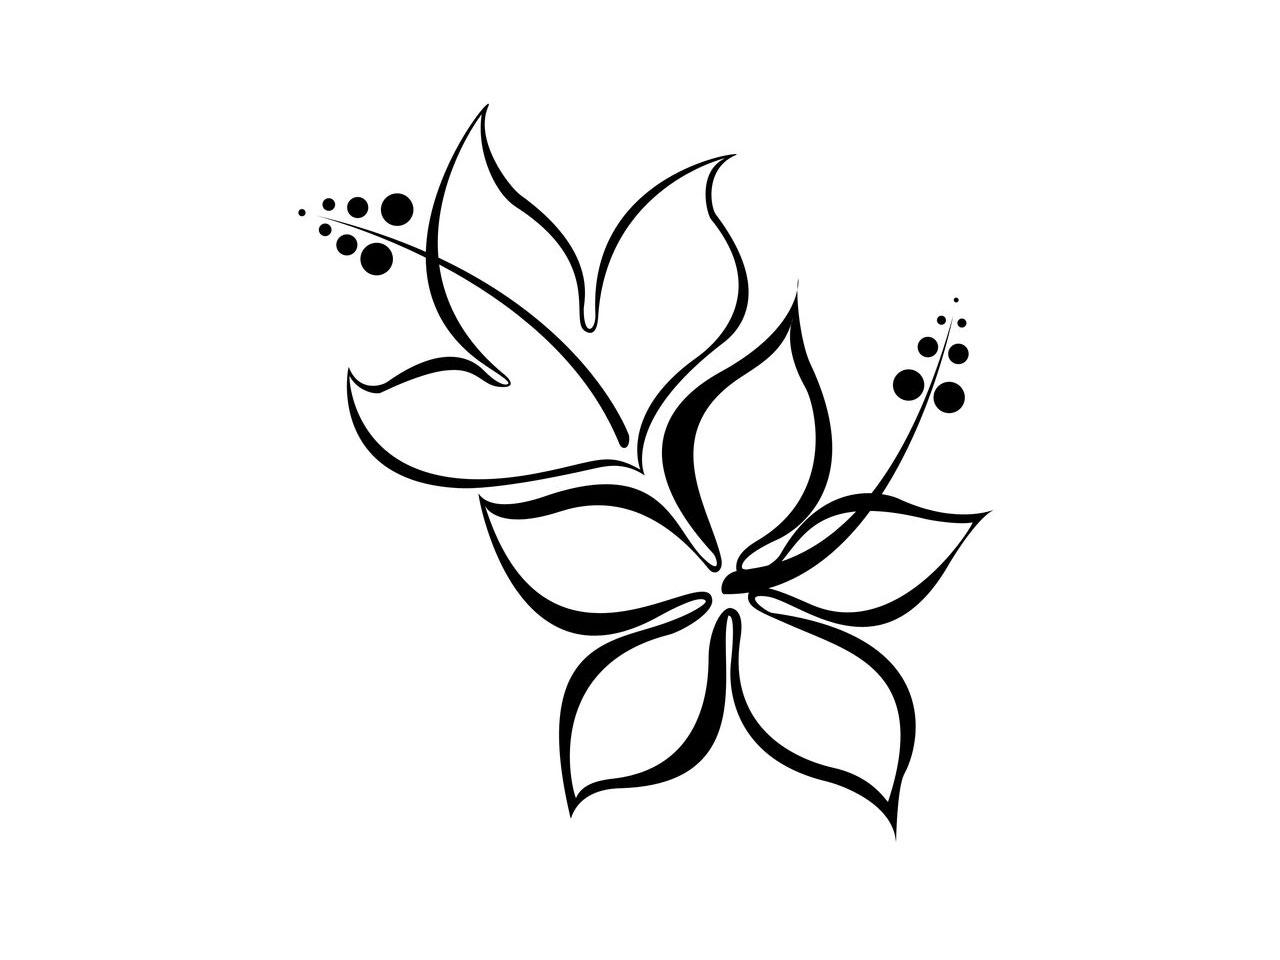 Simple Flower Drawings Step By Flower Drawings Step By Step